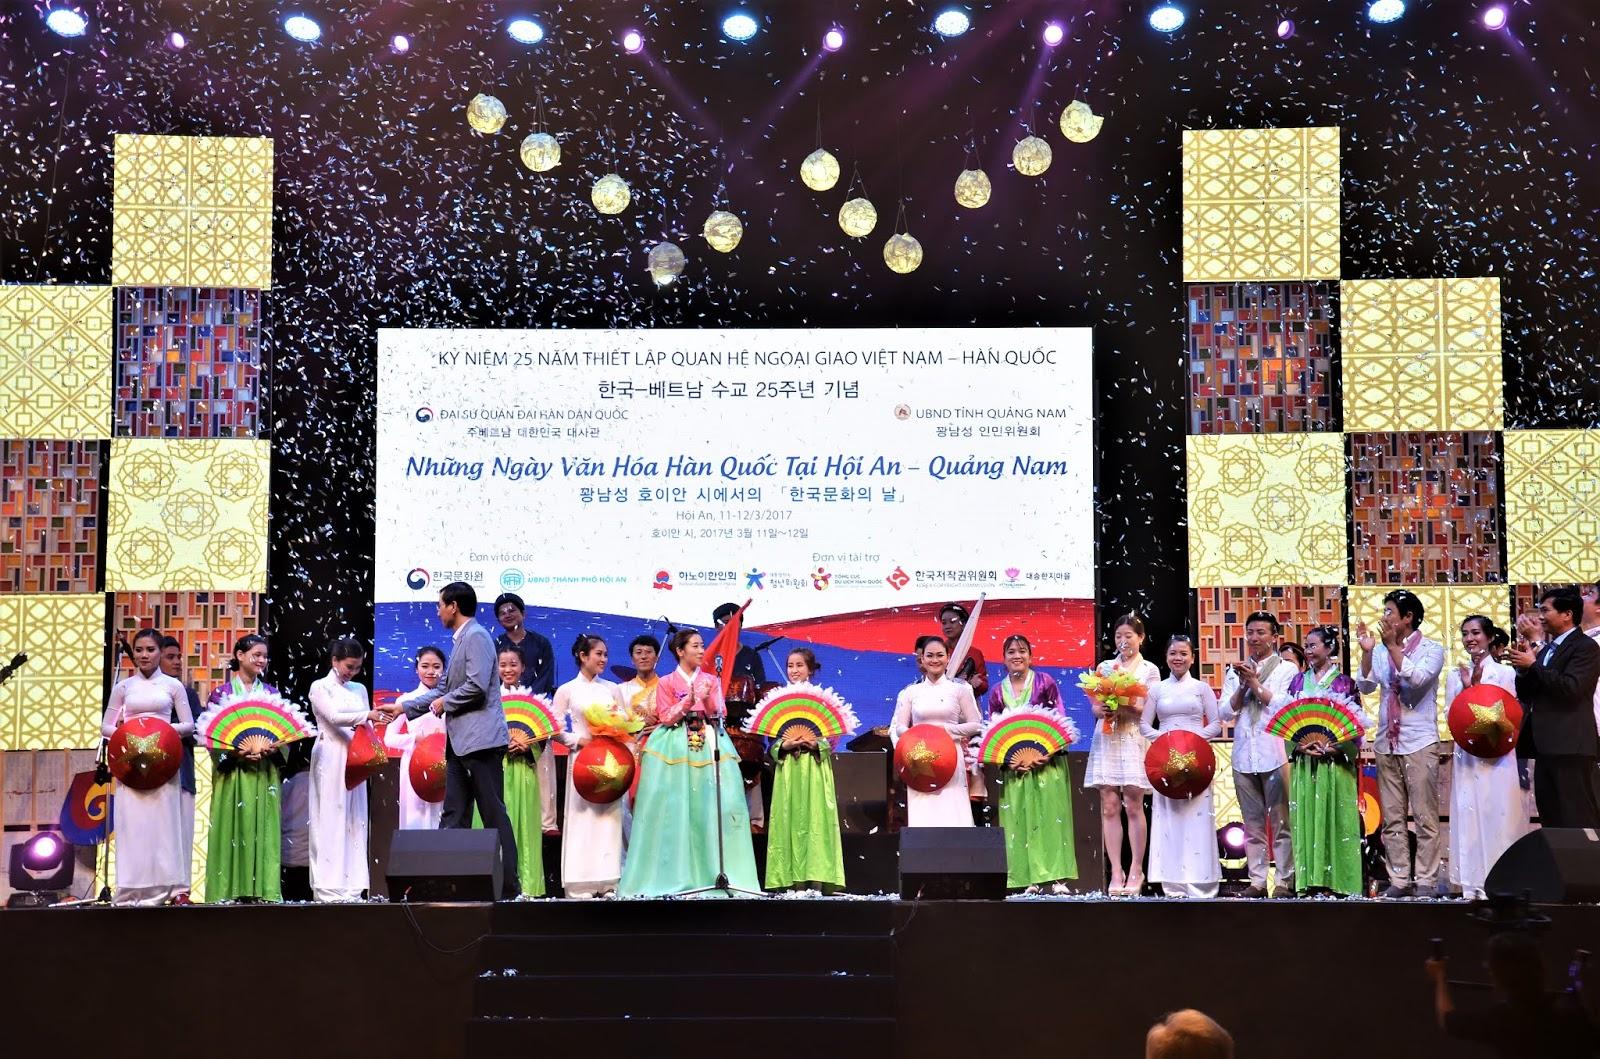 Sự kiện Hội An: Những ngày Văn hóa Hàn Quốc 2018